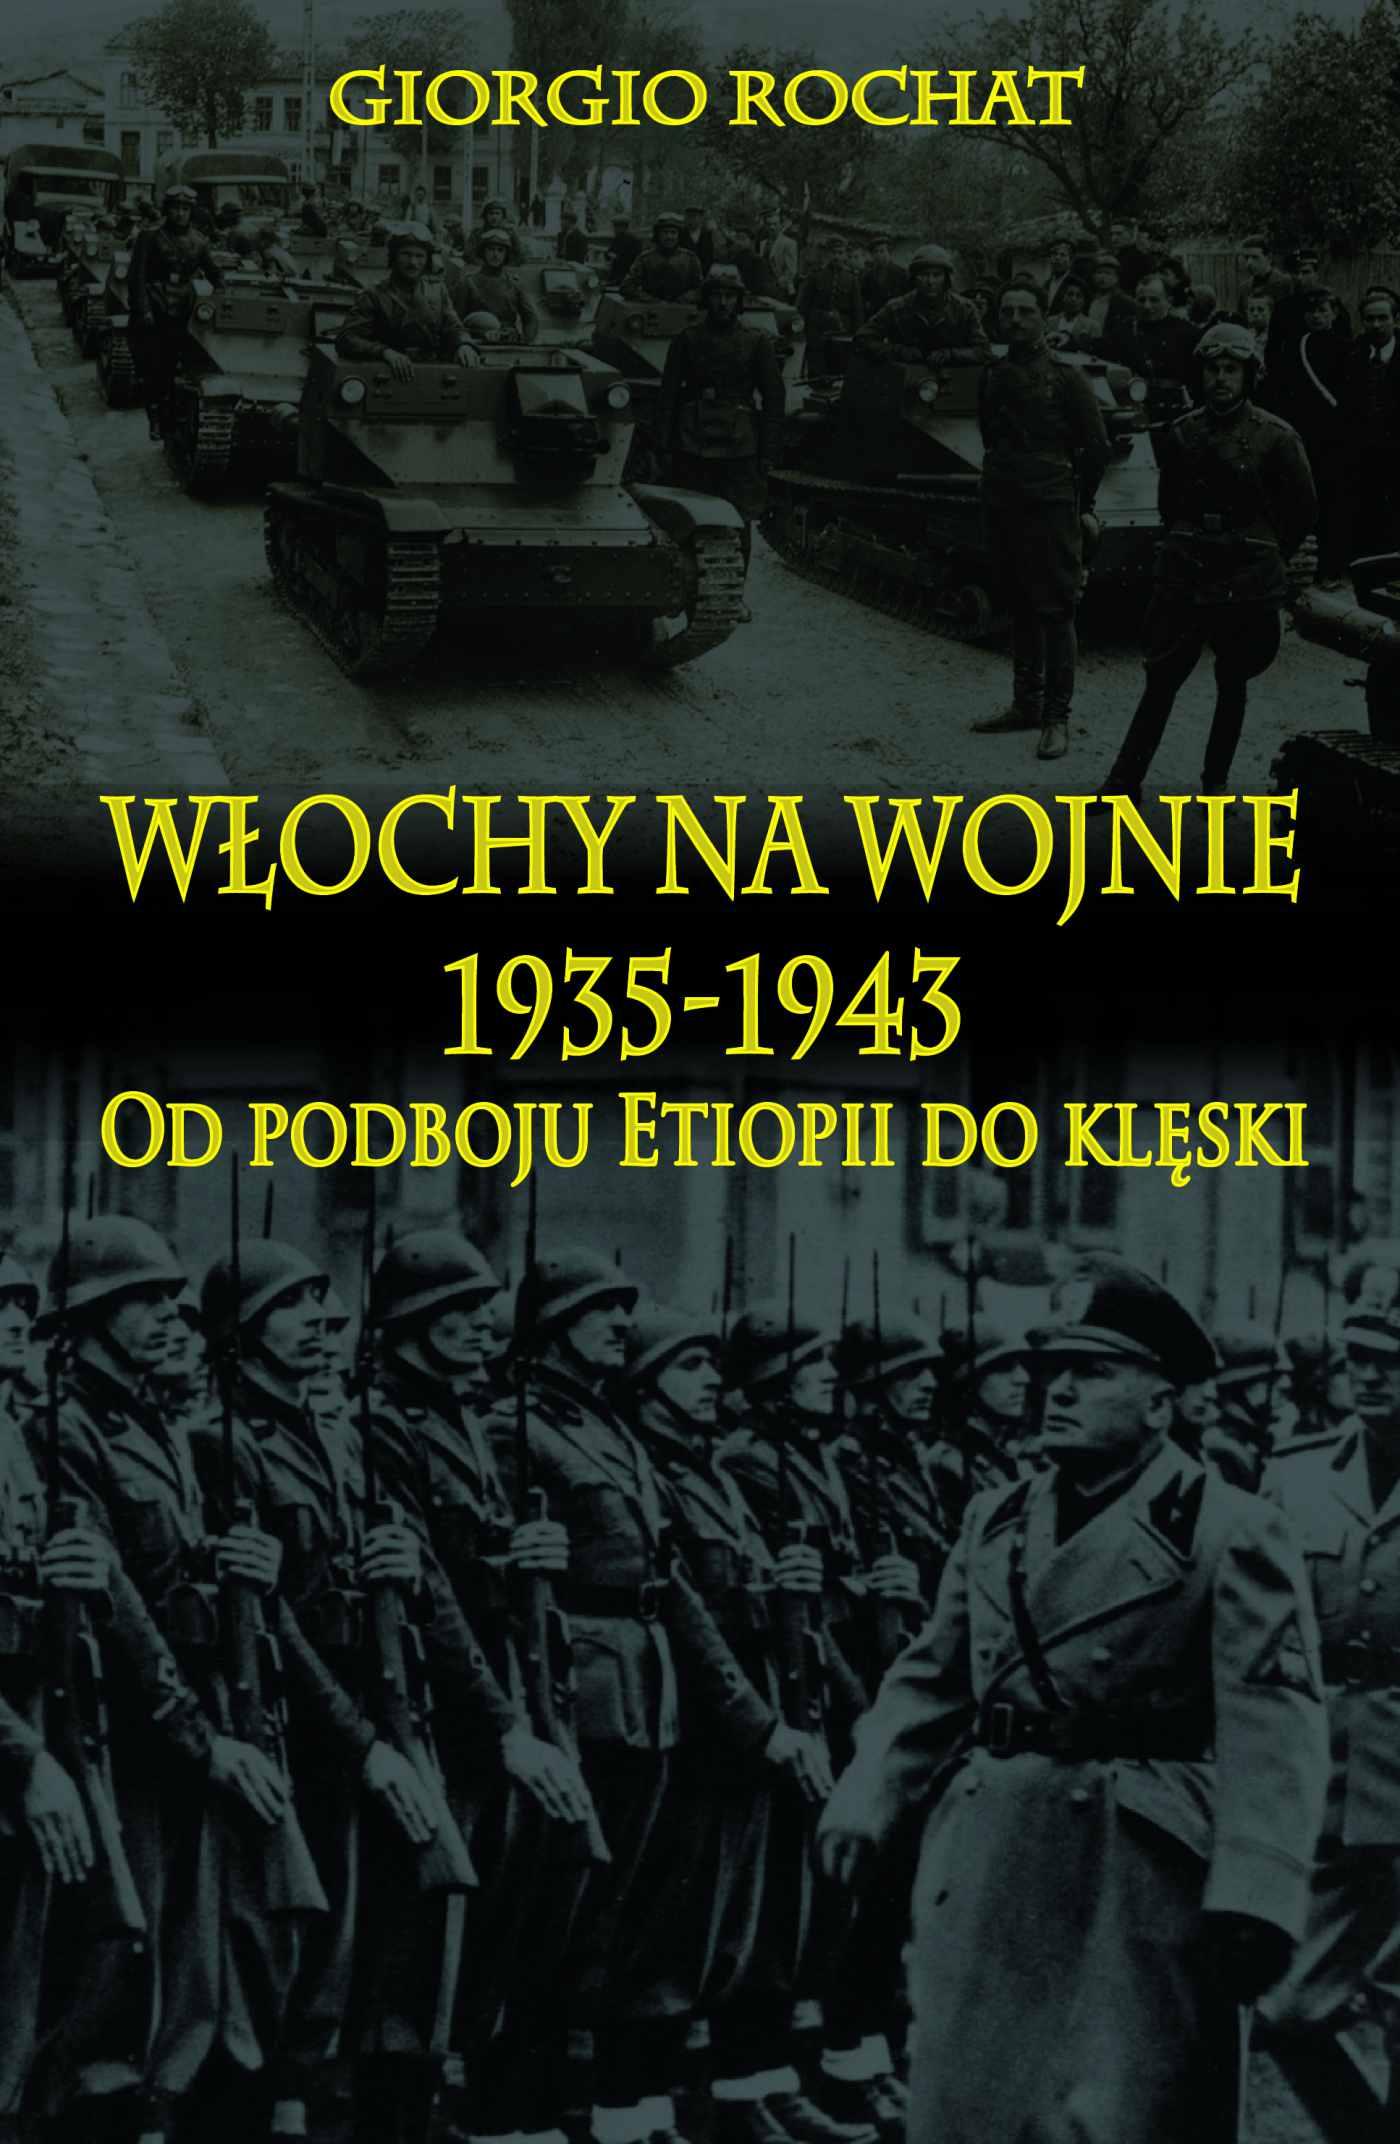 Włochy na wojnie 1935-1943. Od podboju Etiopii do klęski - Ebook (Książka EPUB) do pobrania w formacie EPUB